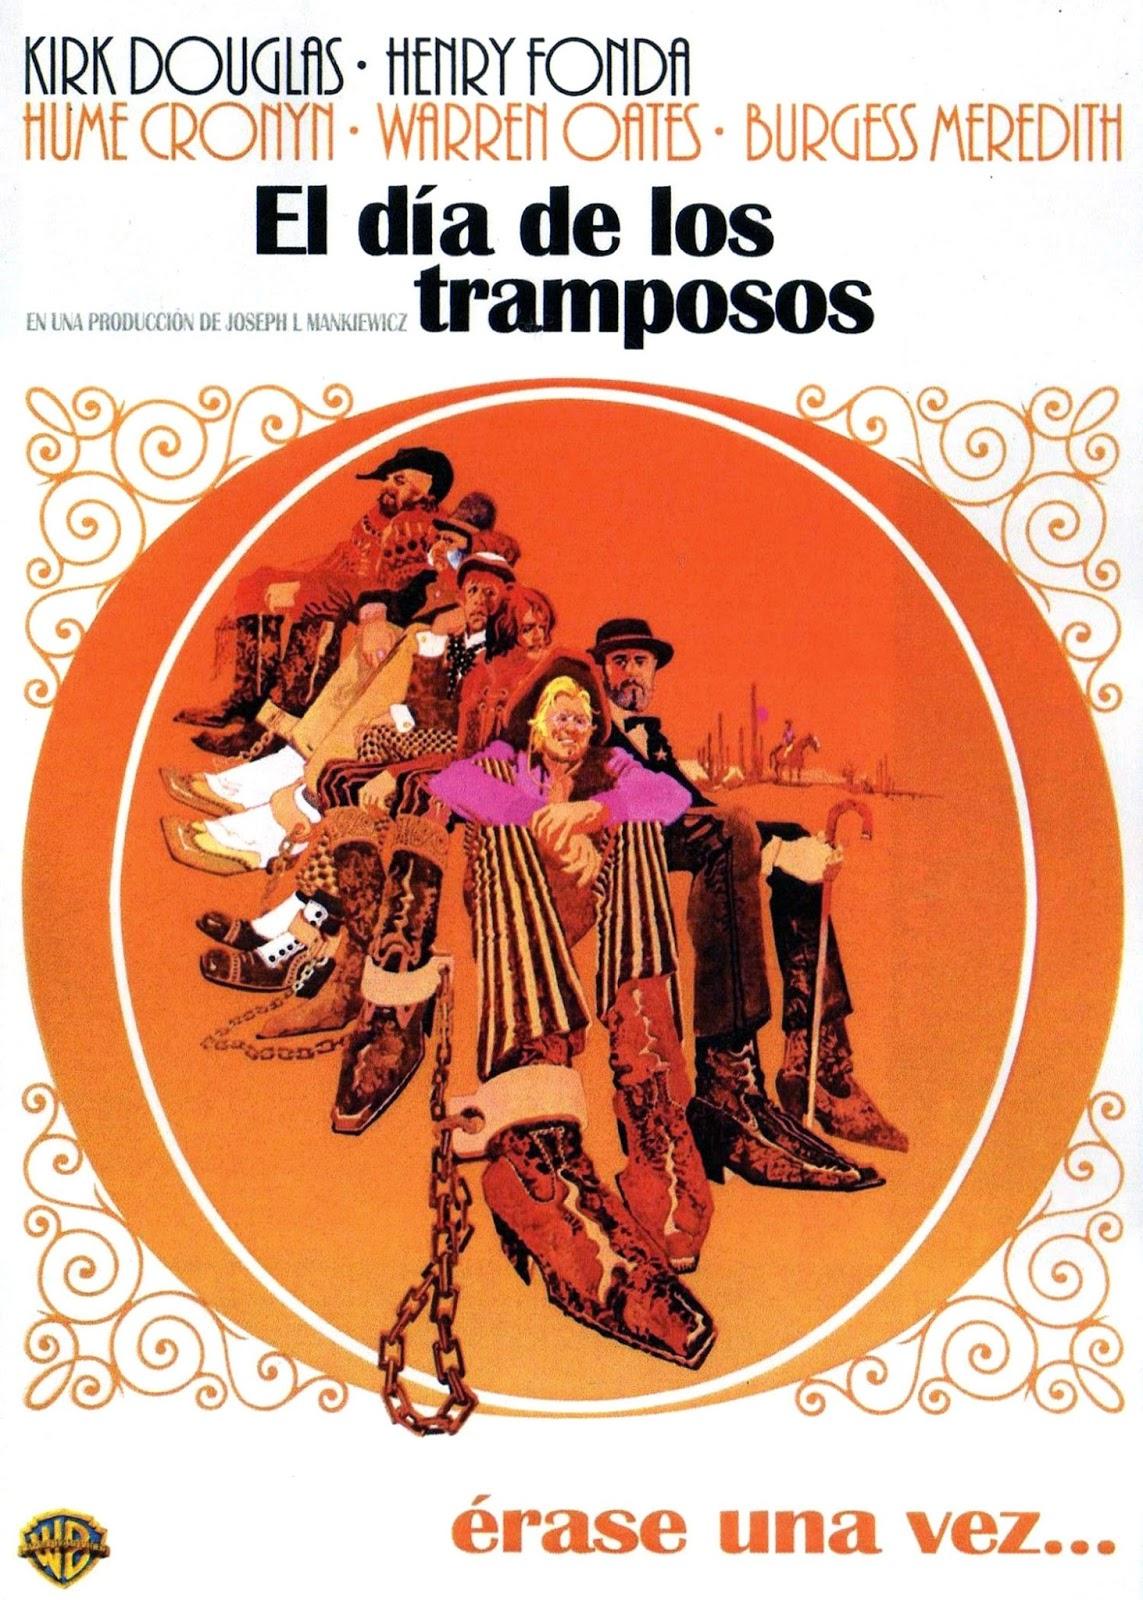 El Día de los Tramposos (1970)